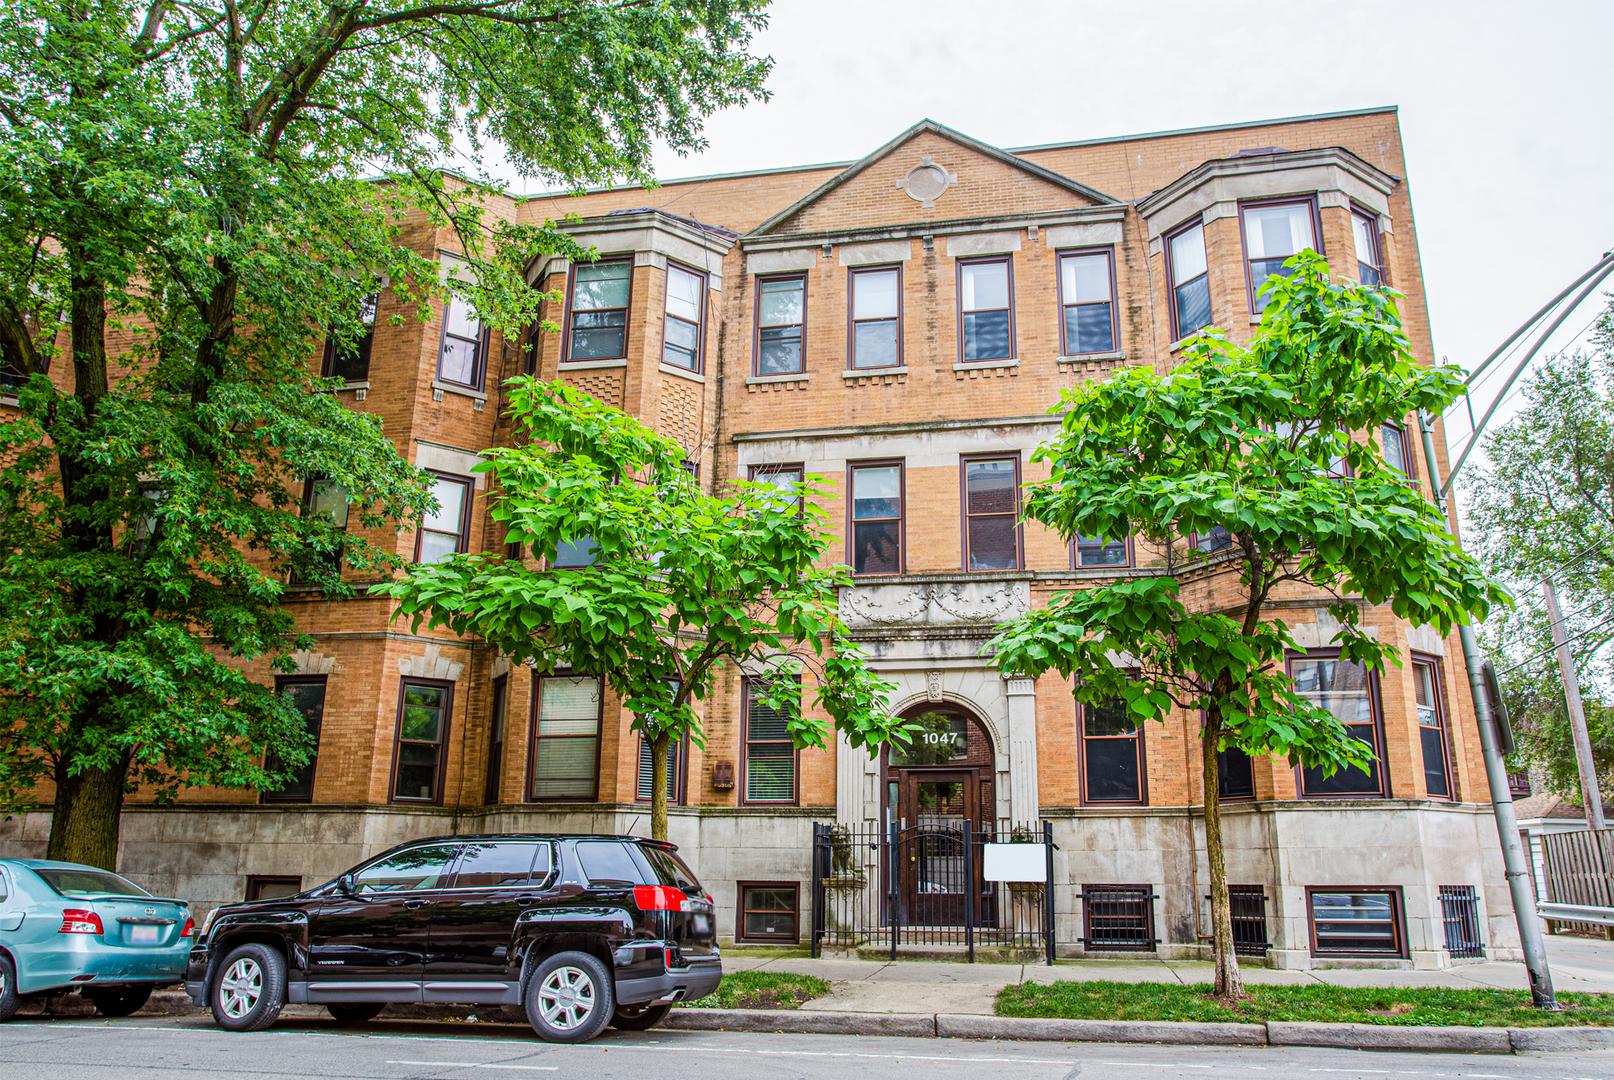 1047 West Leland Avenue, Chicago Uptown, Illinois